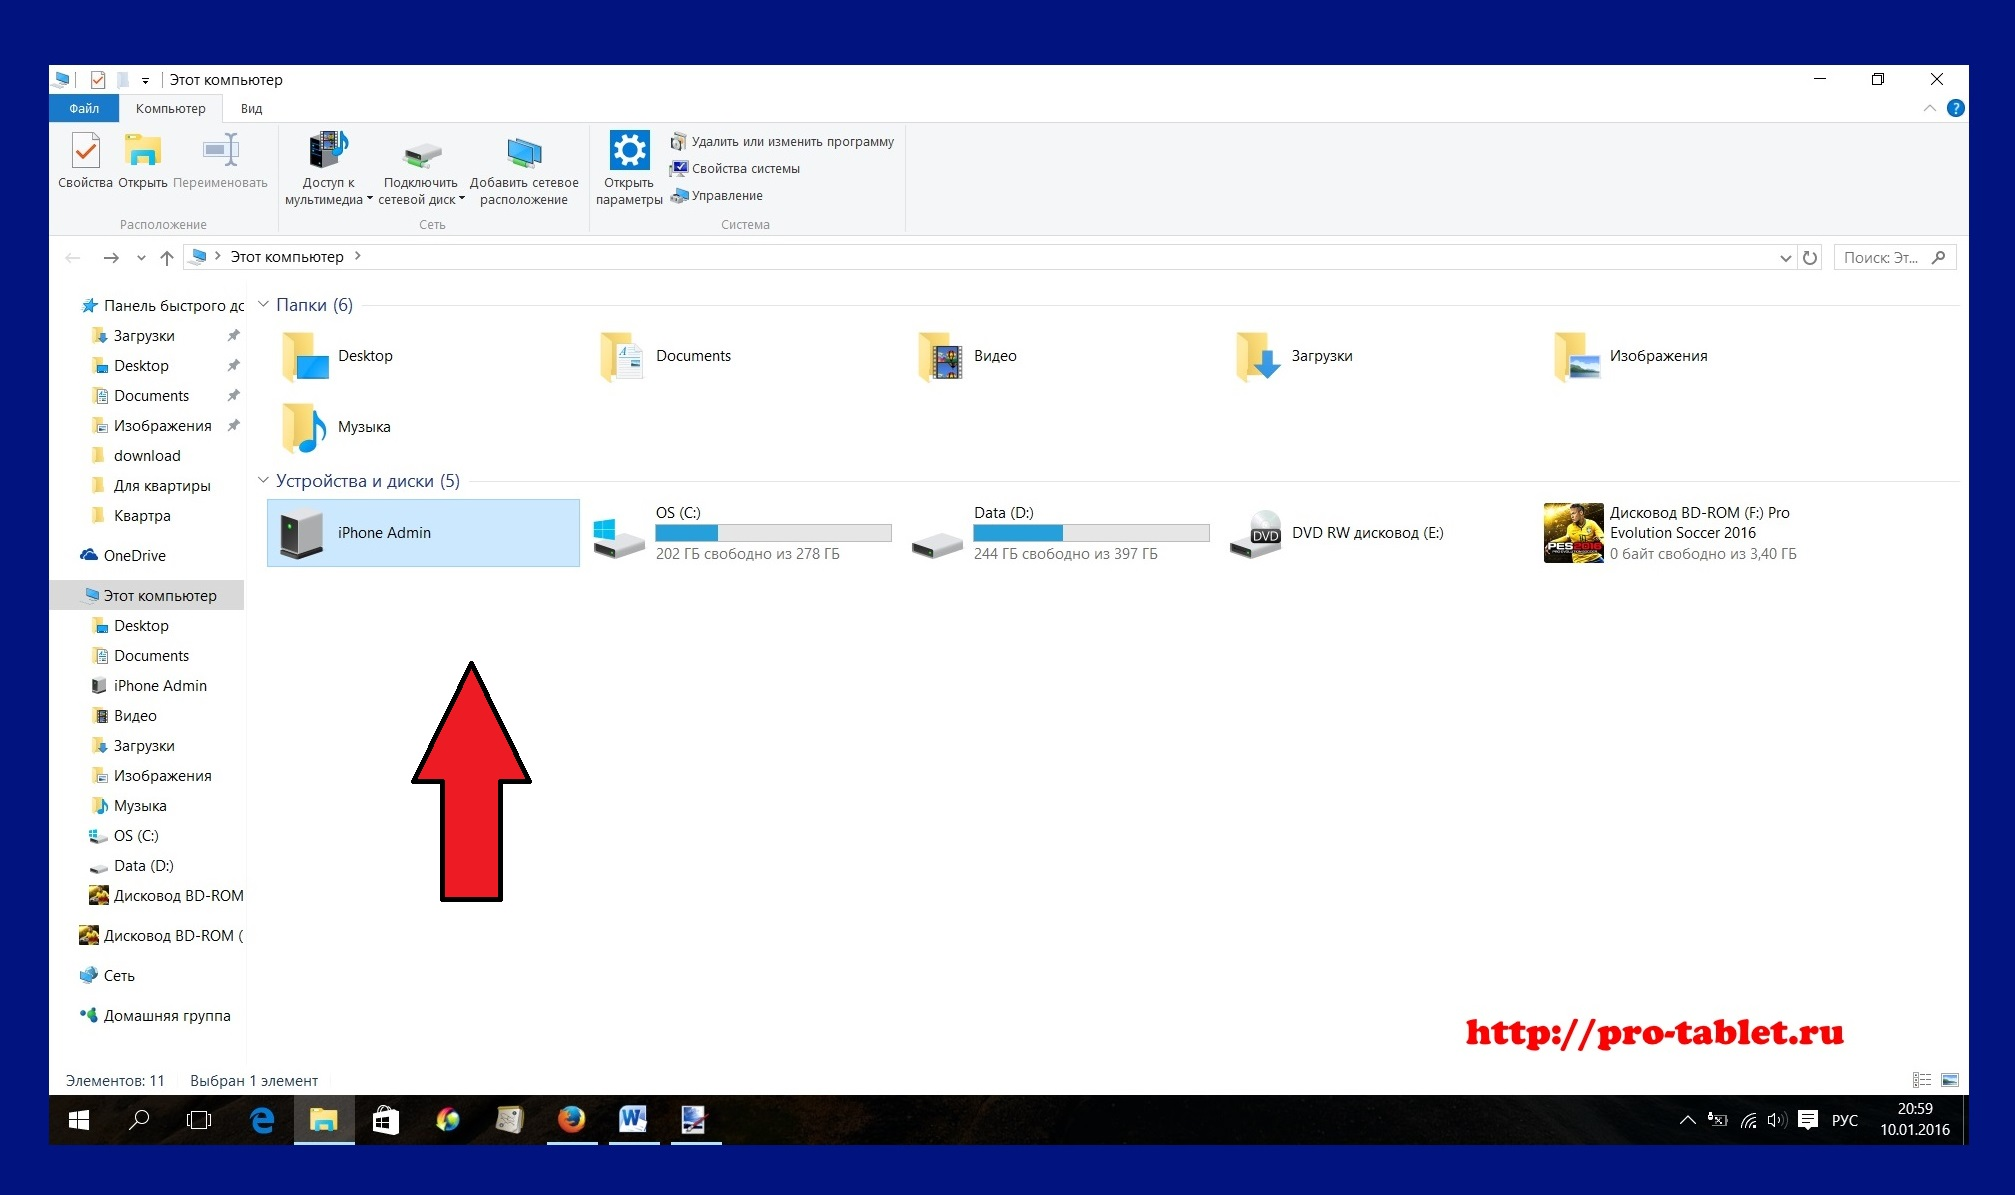 Как скинуть фотки с айпада на компьютер